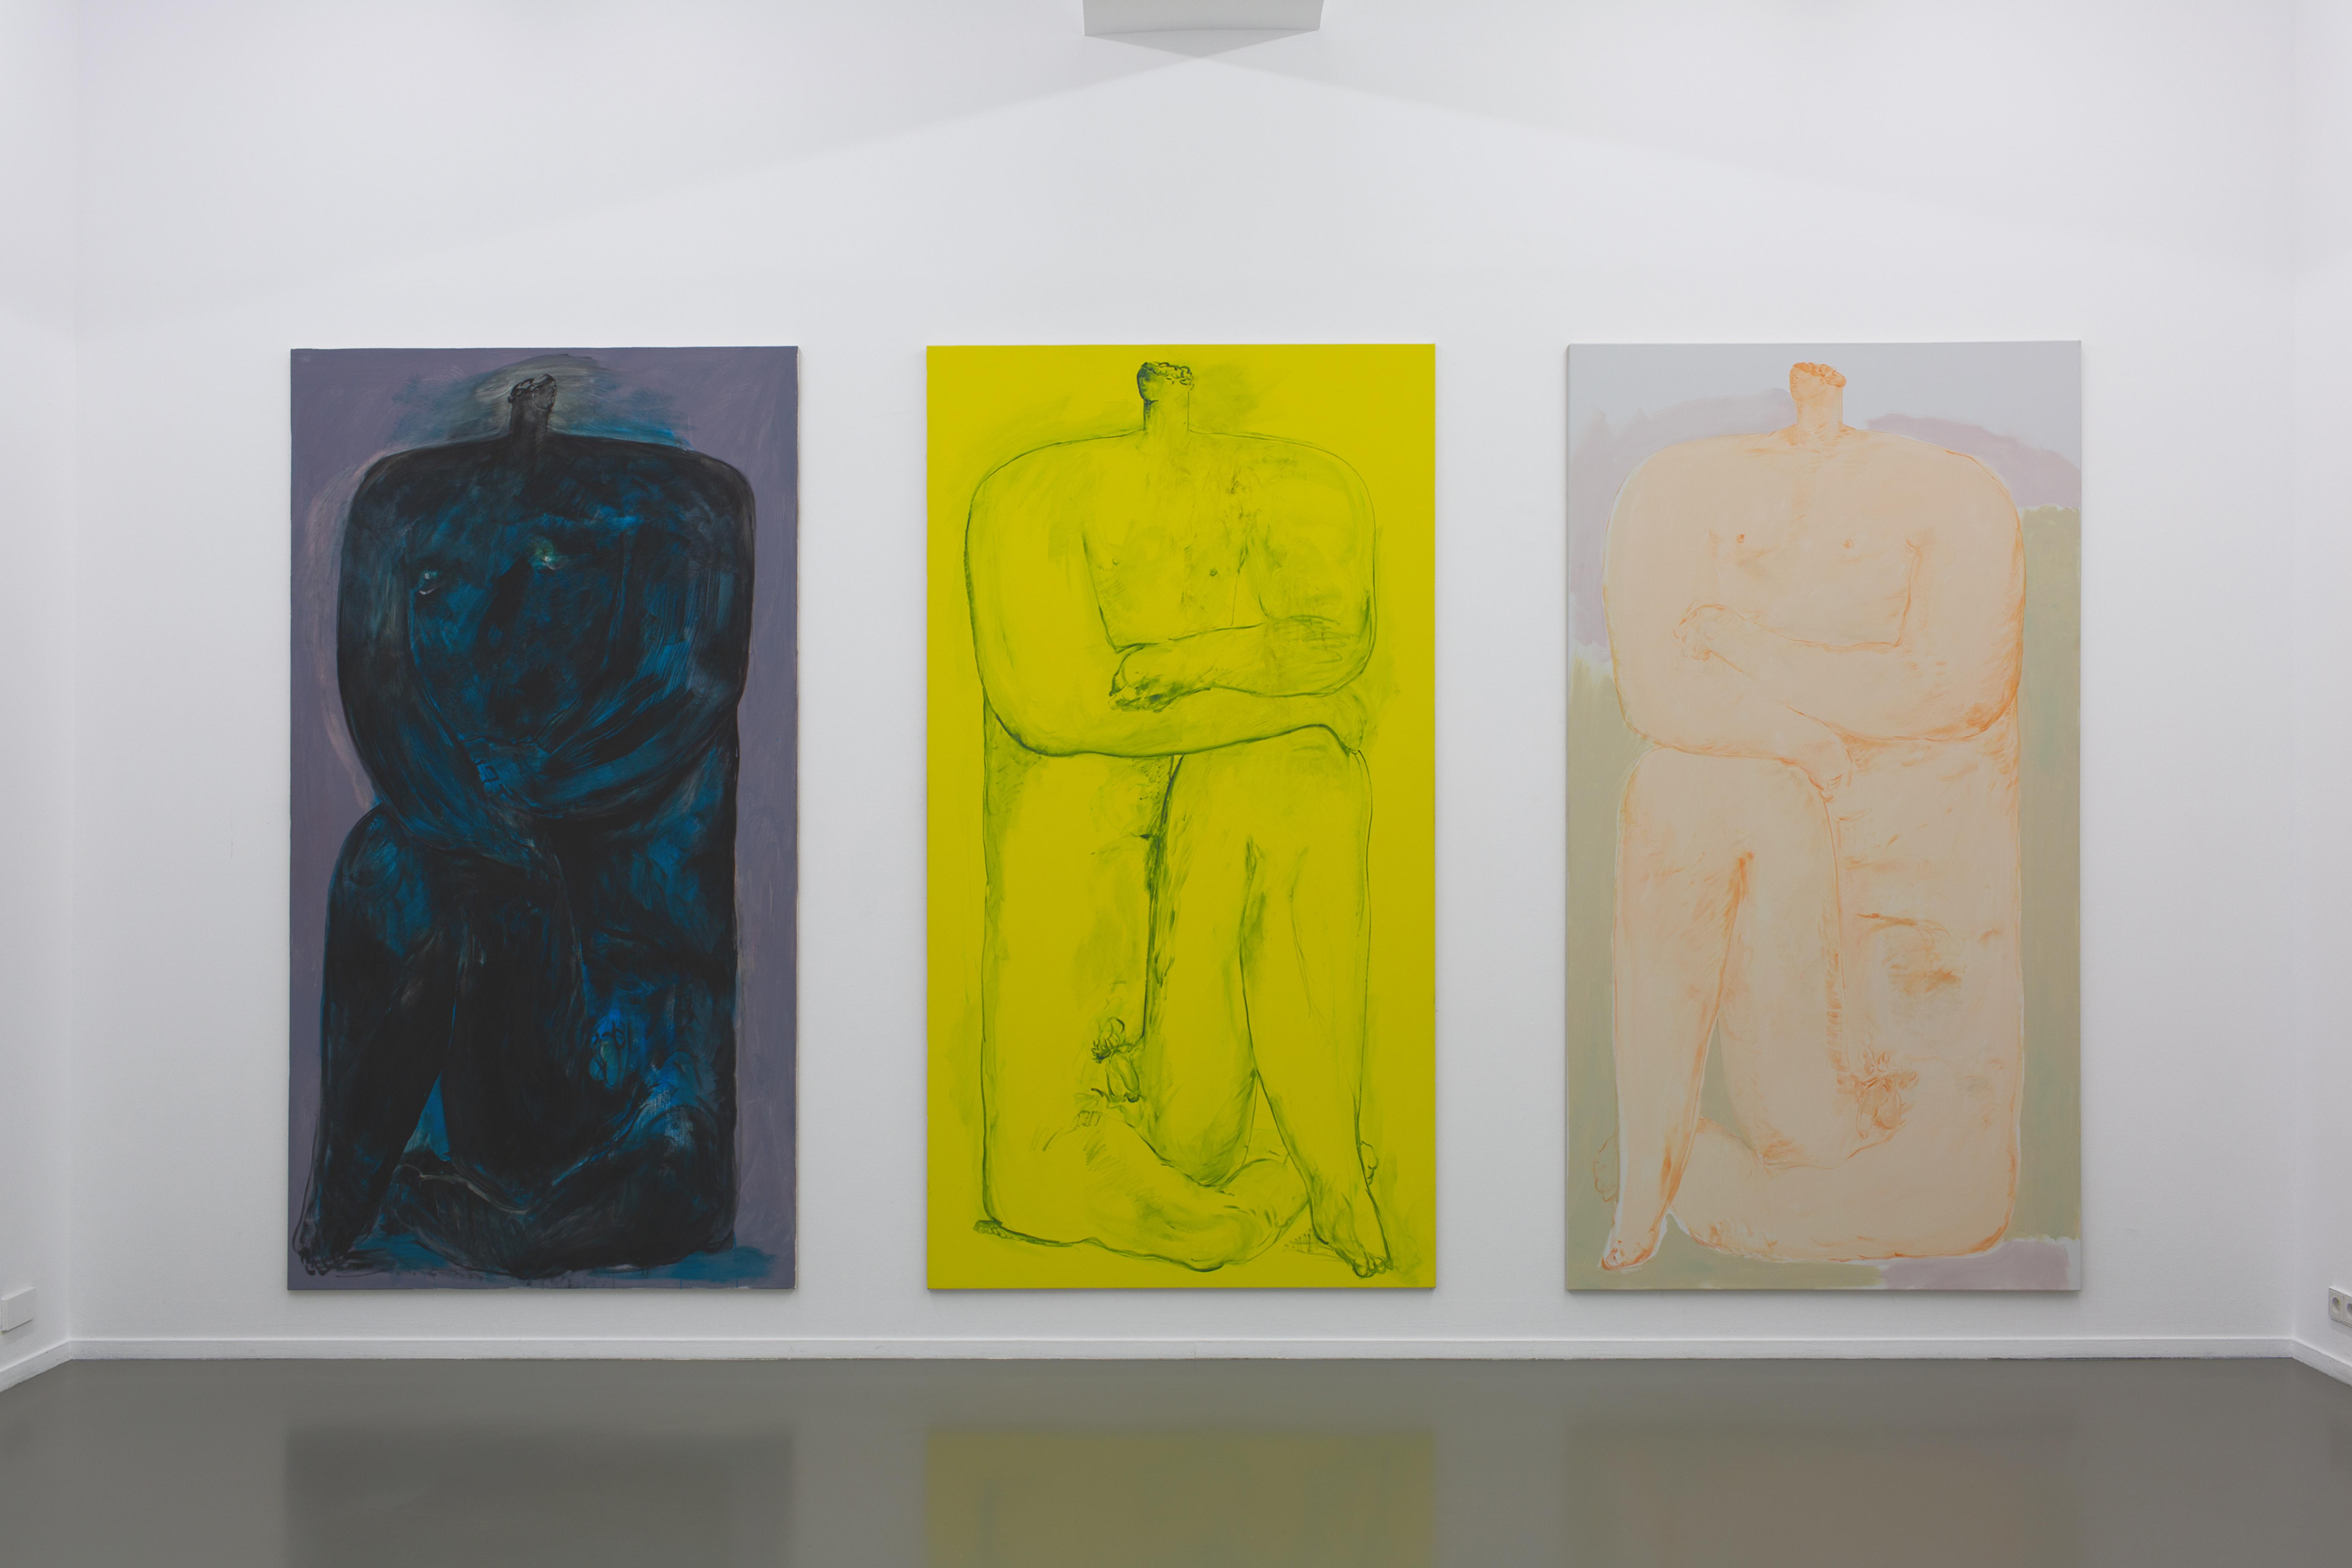 v.l.n.r. Catacomba, 2019; Barbar, 2019; Jonas, 2019 (je Öl auf Baumwolle, 260 x 140 cm) Ausstellungsansicht, «La Place» (Einzelausstellung) Centre Culturel Suisse, Paris, 2019